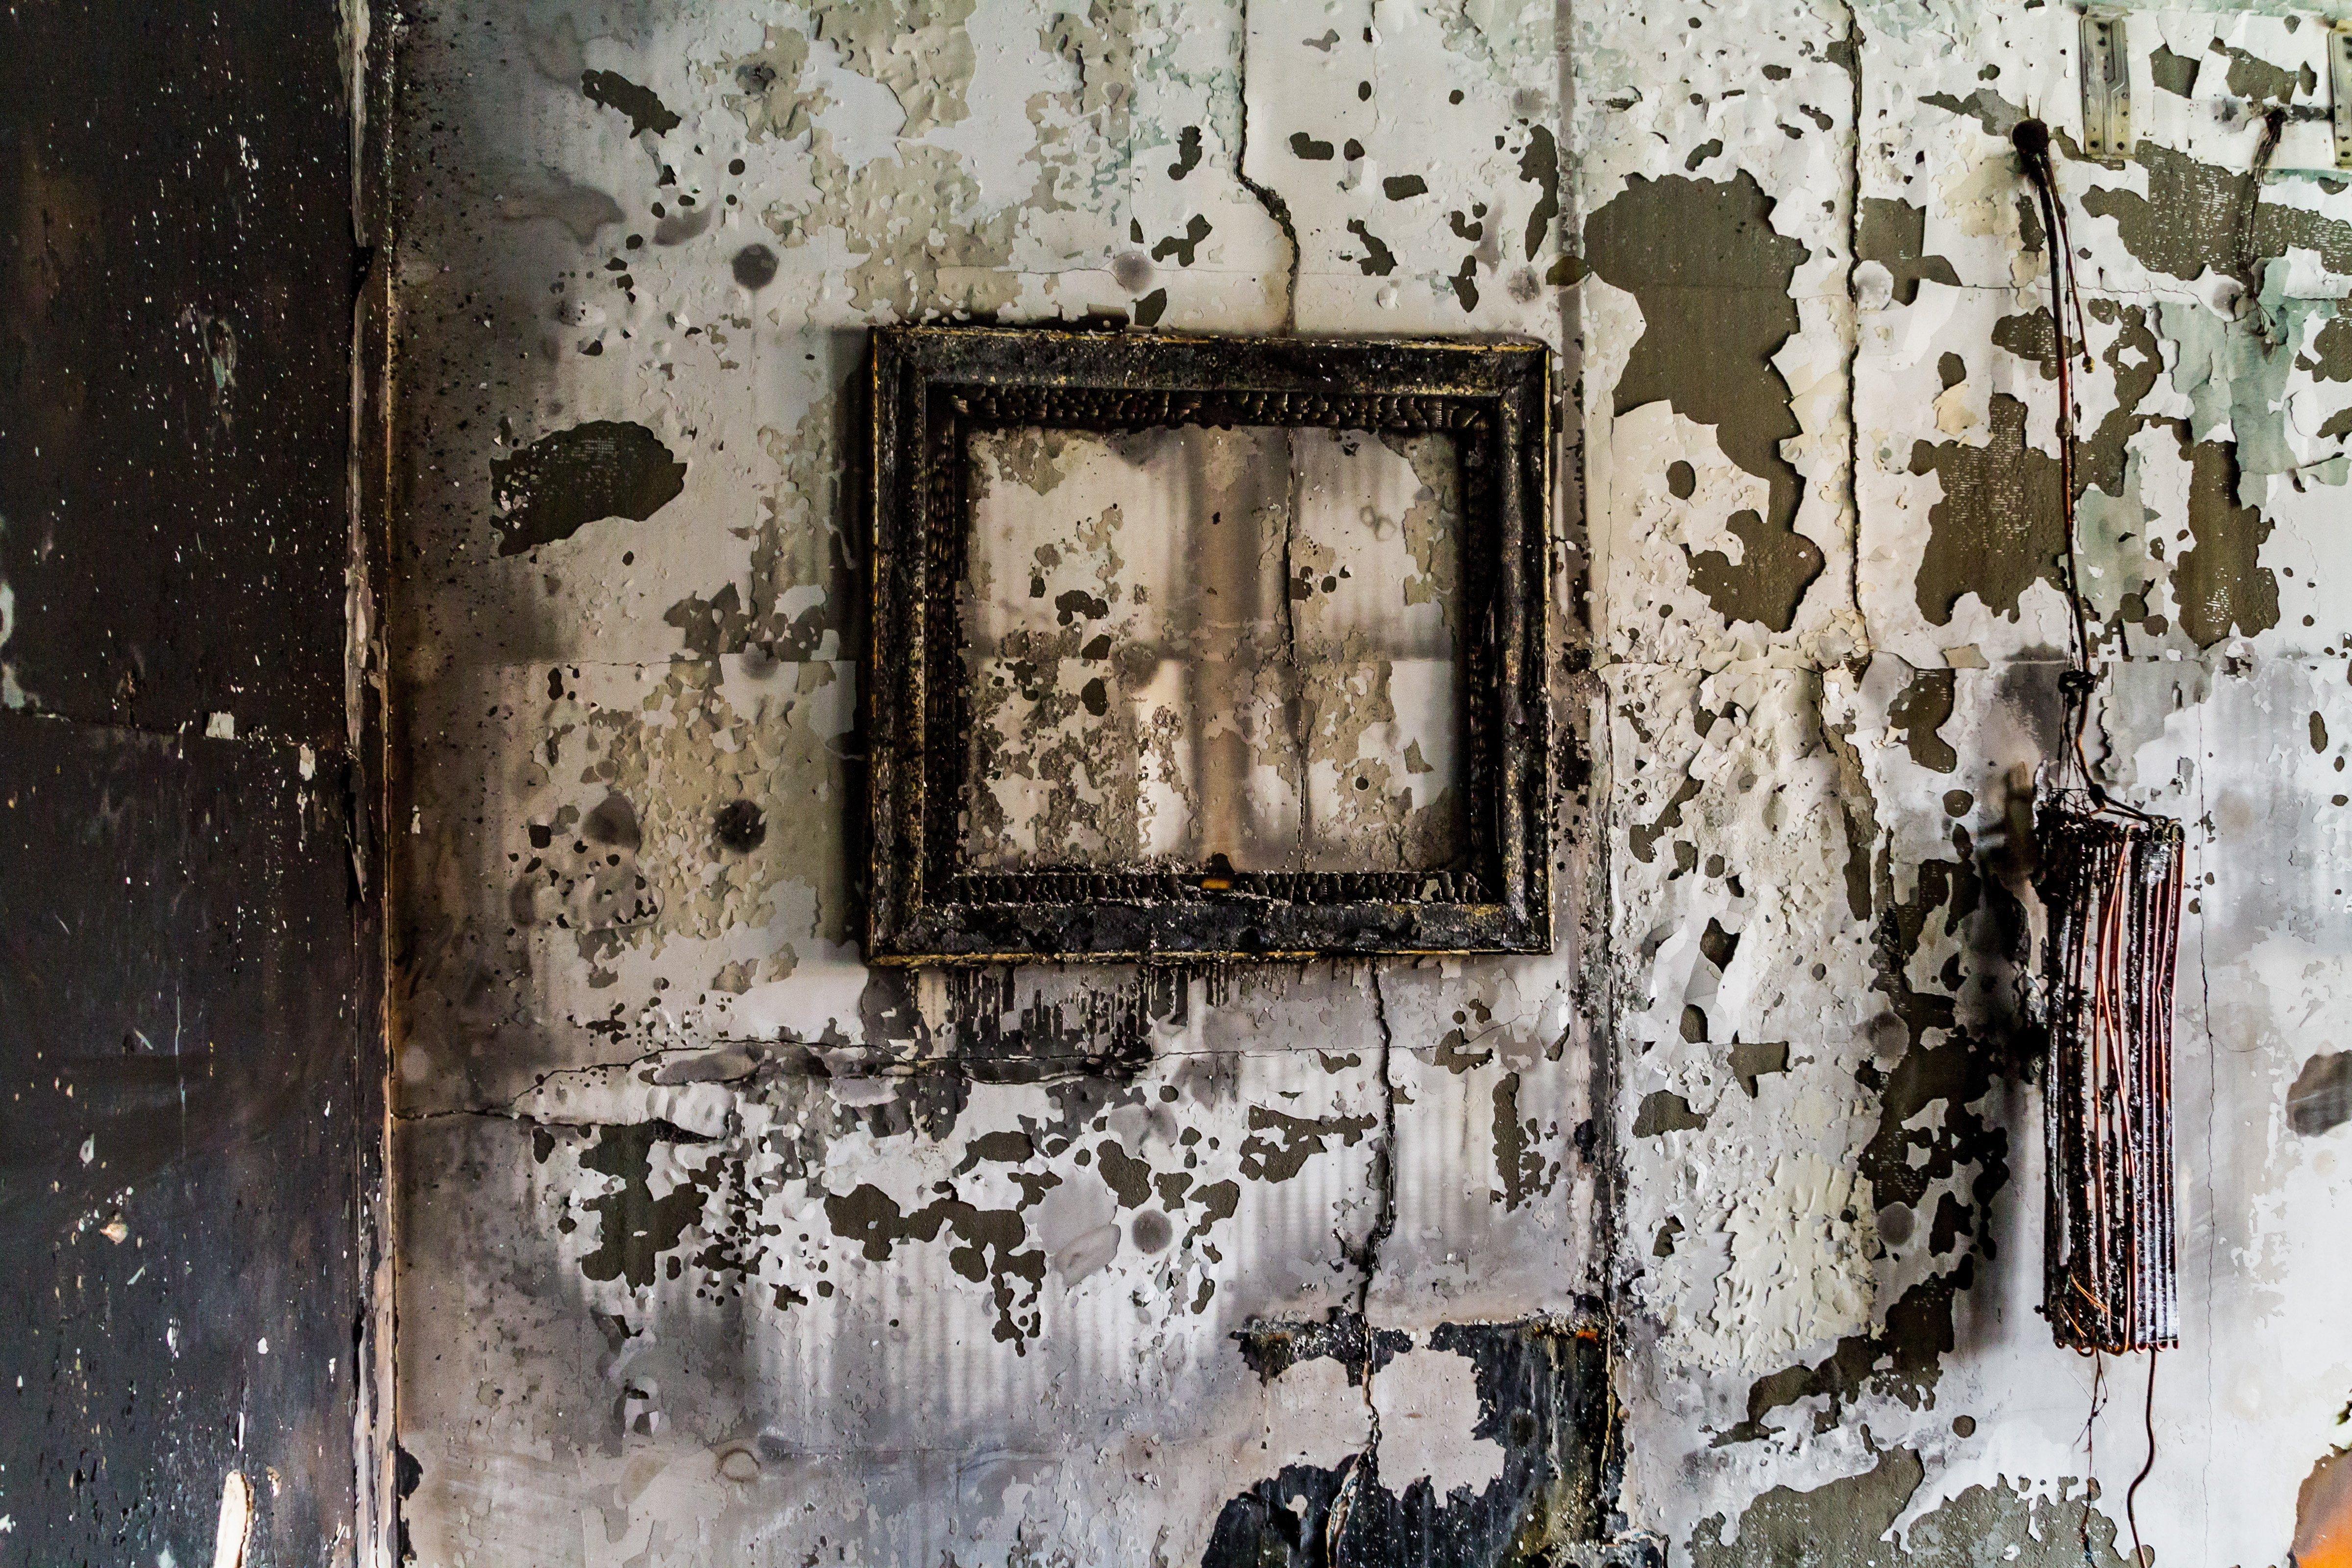 Elítélték a három szélsőjobbos, oroszbarát lengyel férfit, akik felgyújtották a Kárpátaljai Magyar Kulturális Szövetség irodáját